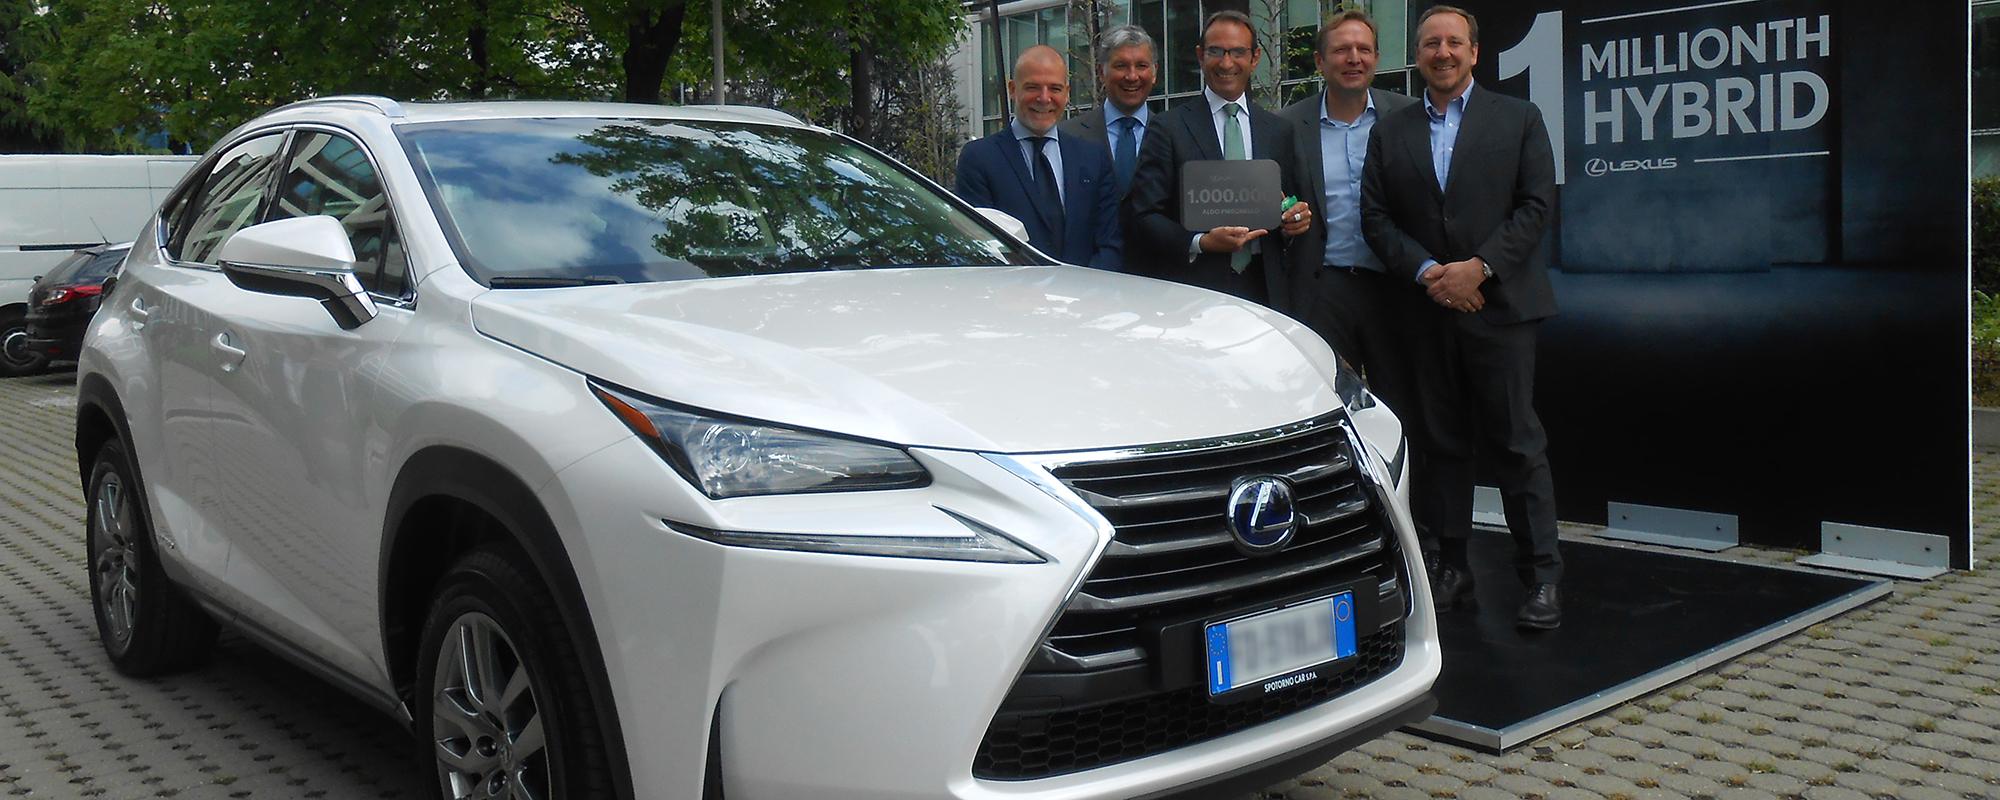 Wereldwijd 1 miljoen hybride auto's van Lexus een feit